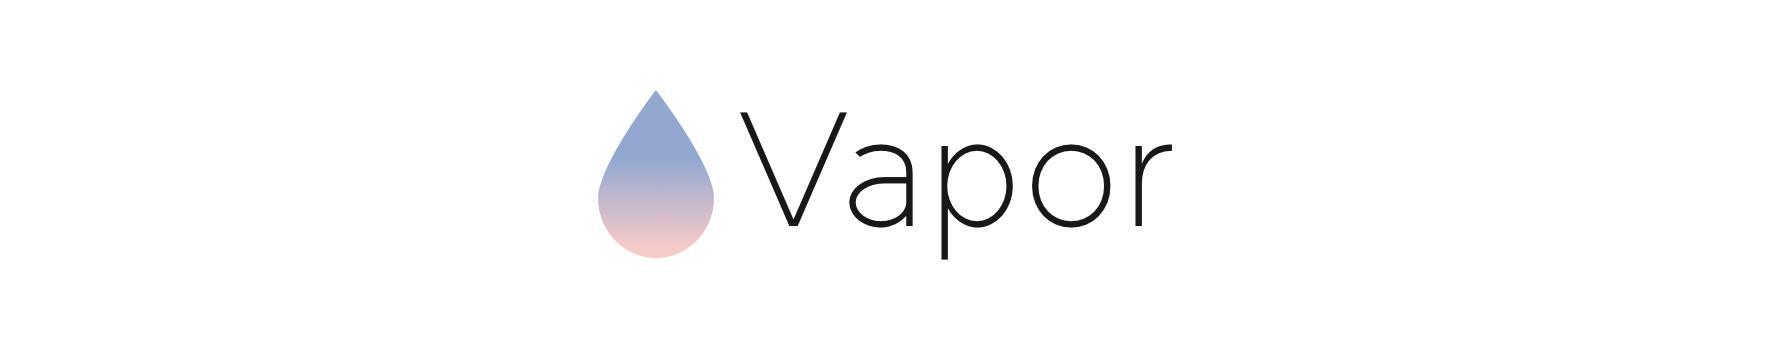 Vapor Fantasy Tour (06 PostgreSQL) - Programmer Sought